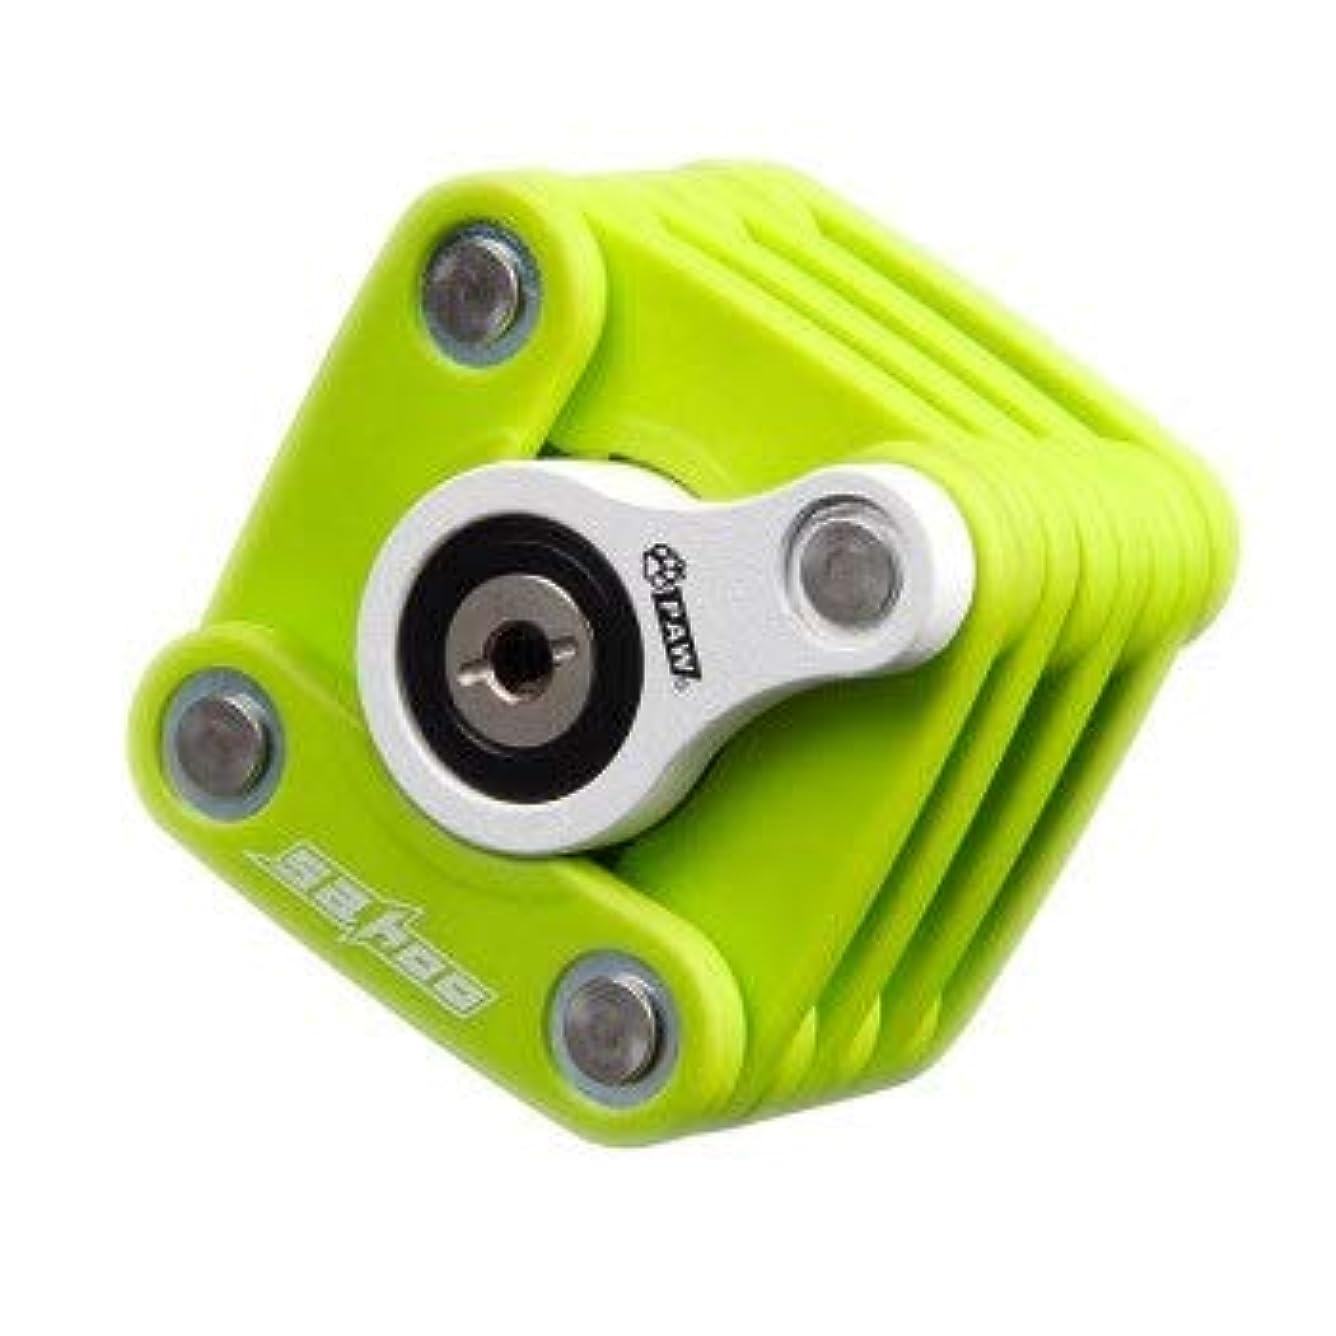 またねオークション無数のKEHUITONG 高い安全性を兼ね備えたスチールメタルと革新的なデザインのコンビネーションフォールディングバイクロック (Color : Green)